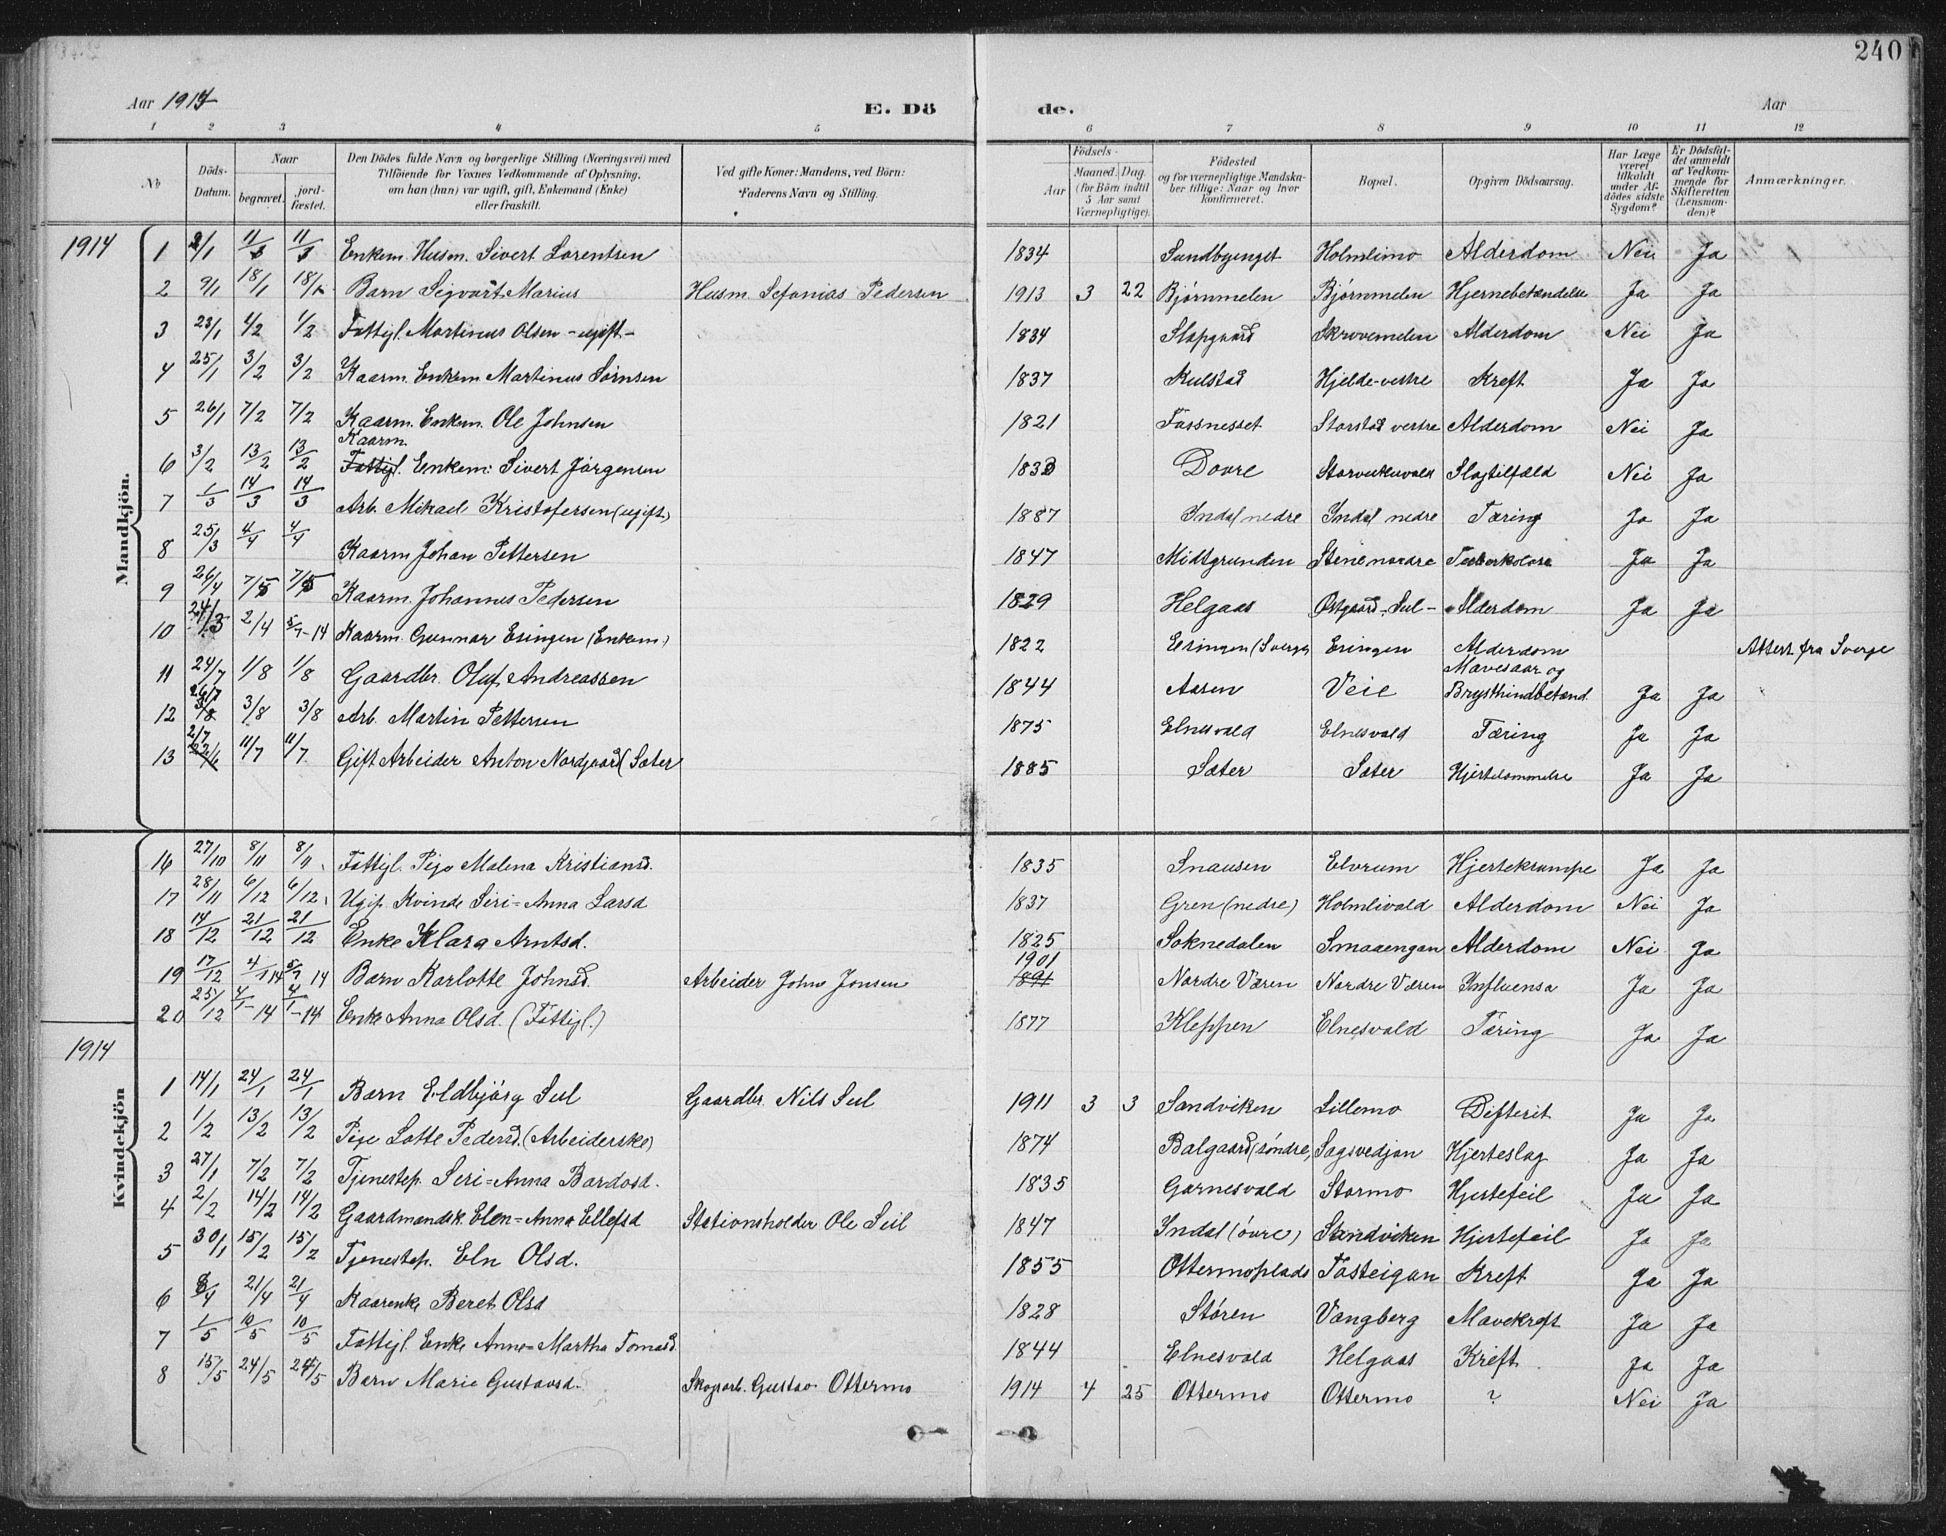 SAT, Ministerialprotokoller, klokkerbøker og fødselsregistre - Nord-Trøndelag, 724/L0269: Klokkerbok nr. 724C05, 1899-1920, s. 240